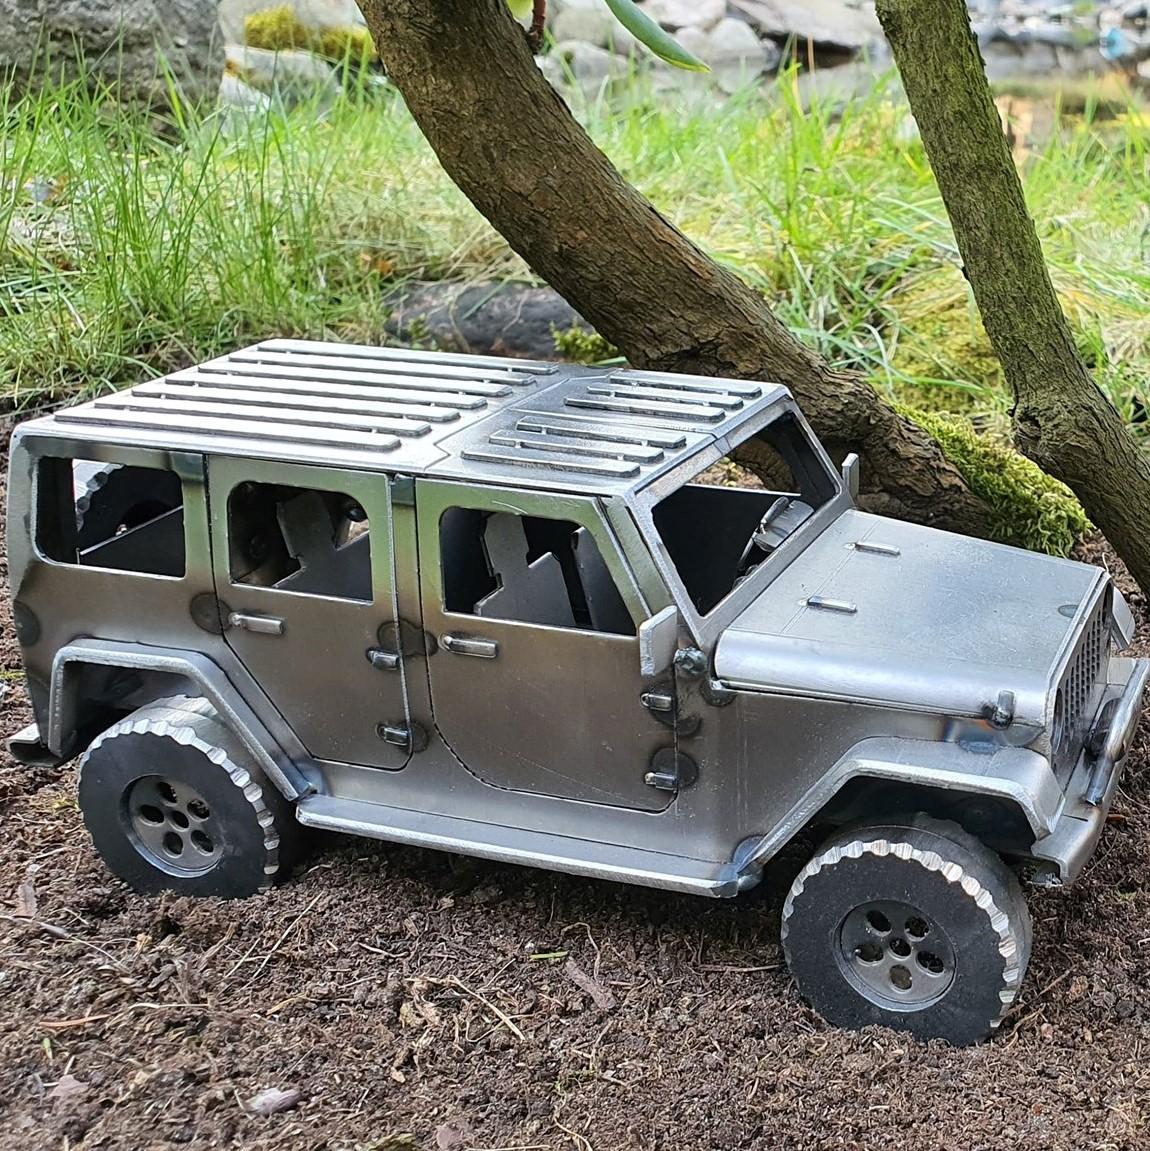 Loftowy model samochodu terenowego